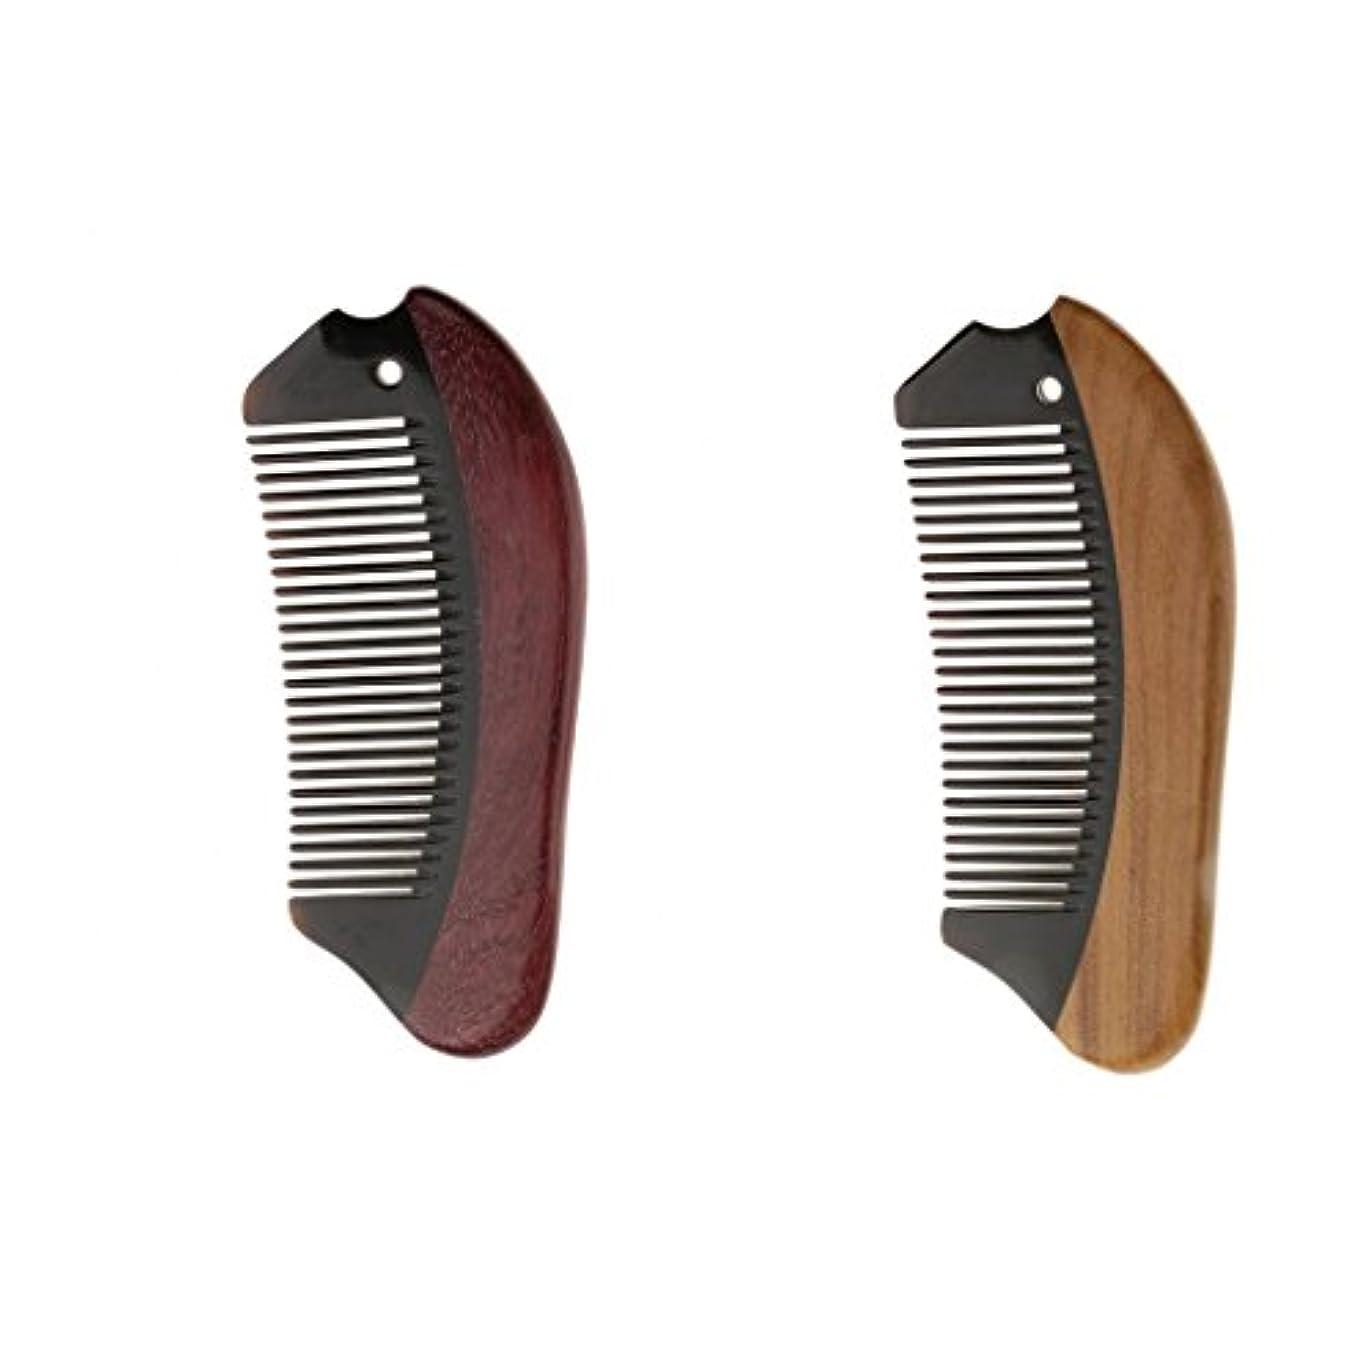 願う枕秘密の2個 木製 櫛 コーム 静電気防止 マッサージ 高品質 プレゼント 滑らか 快適